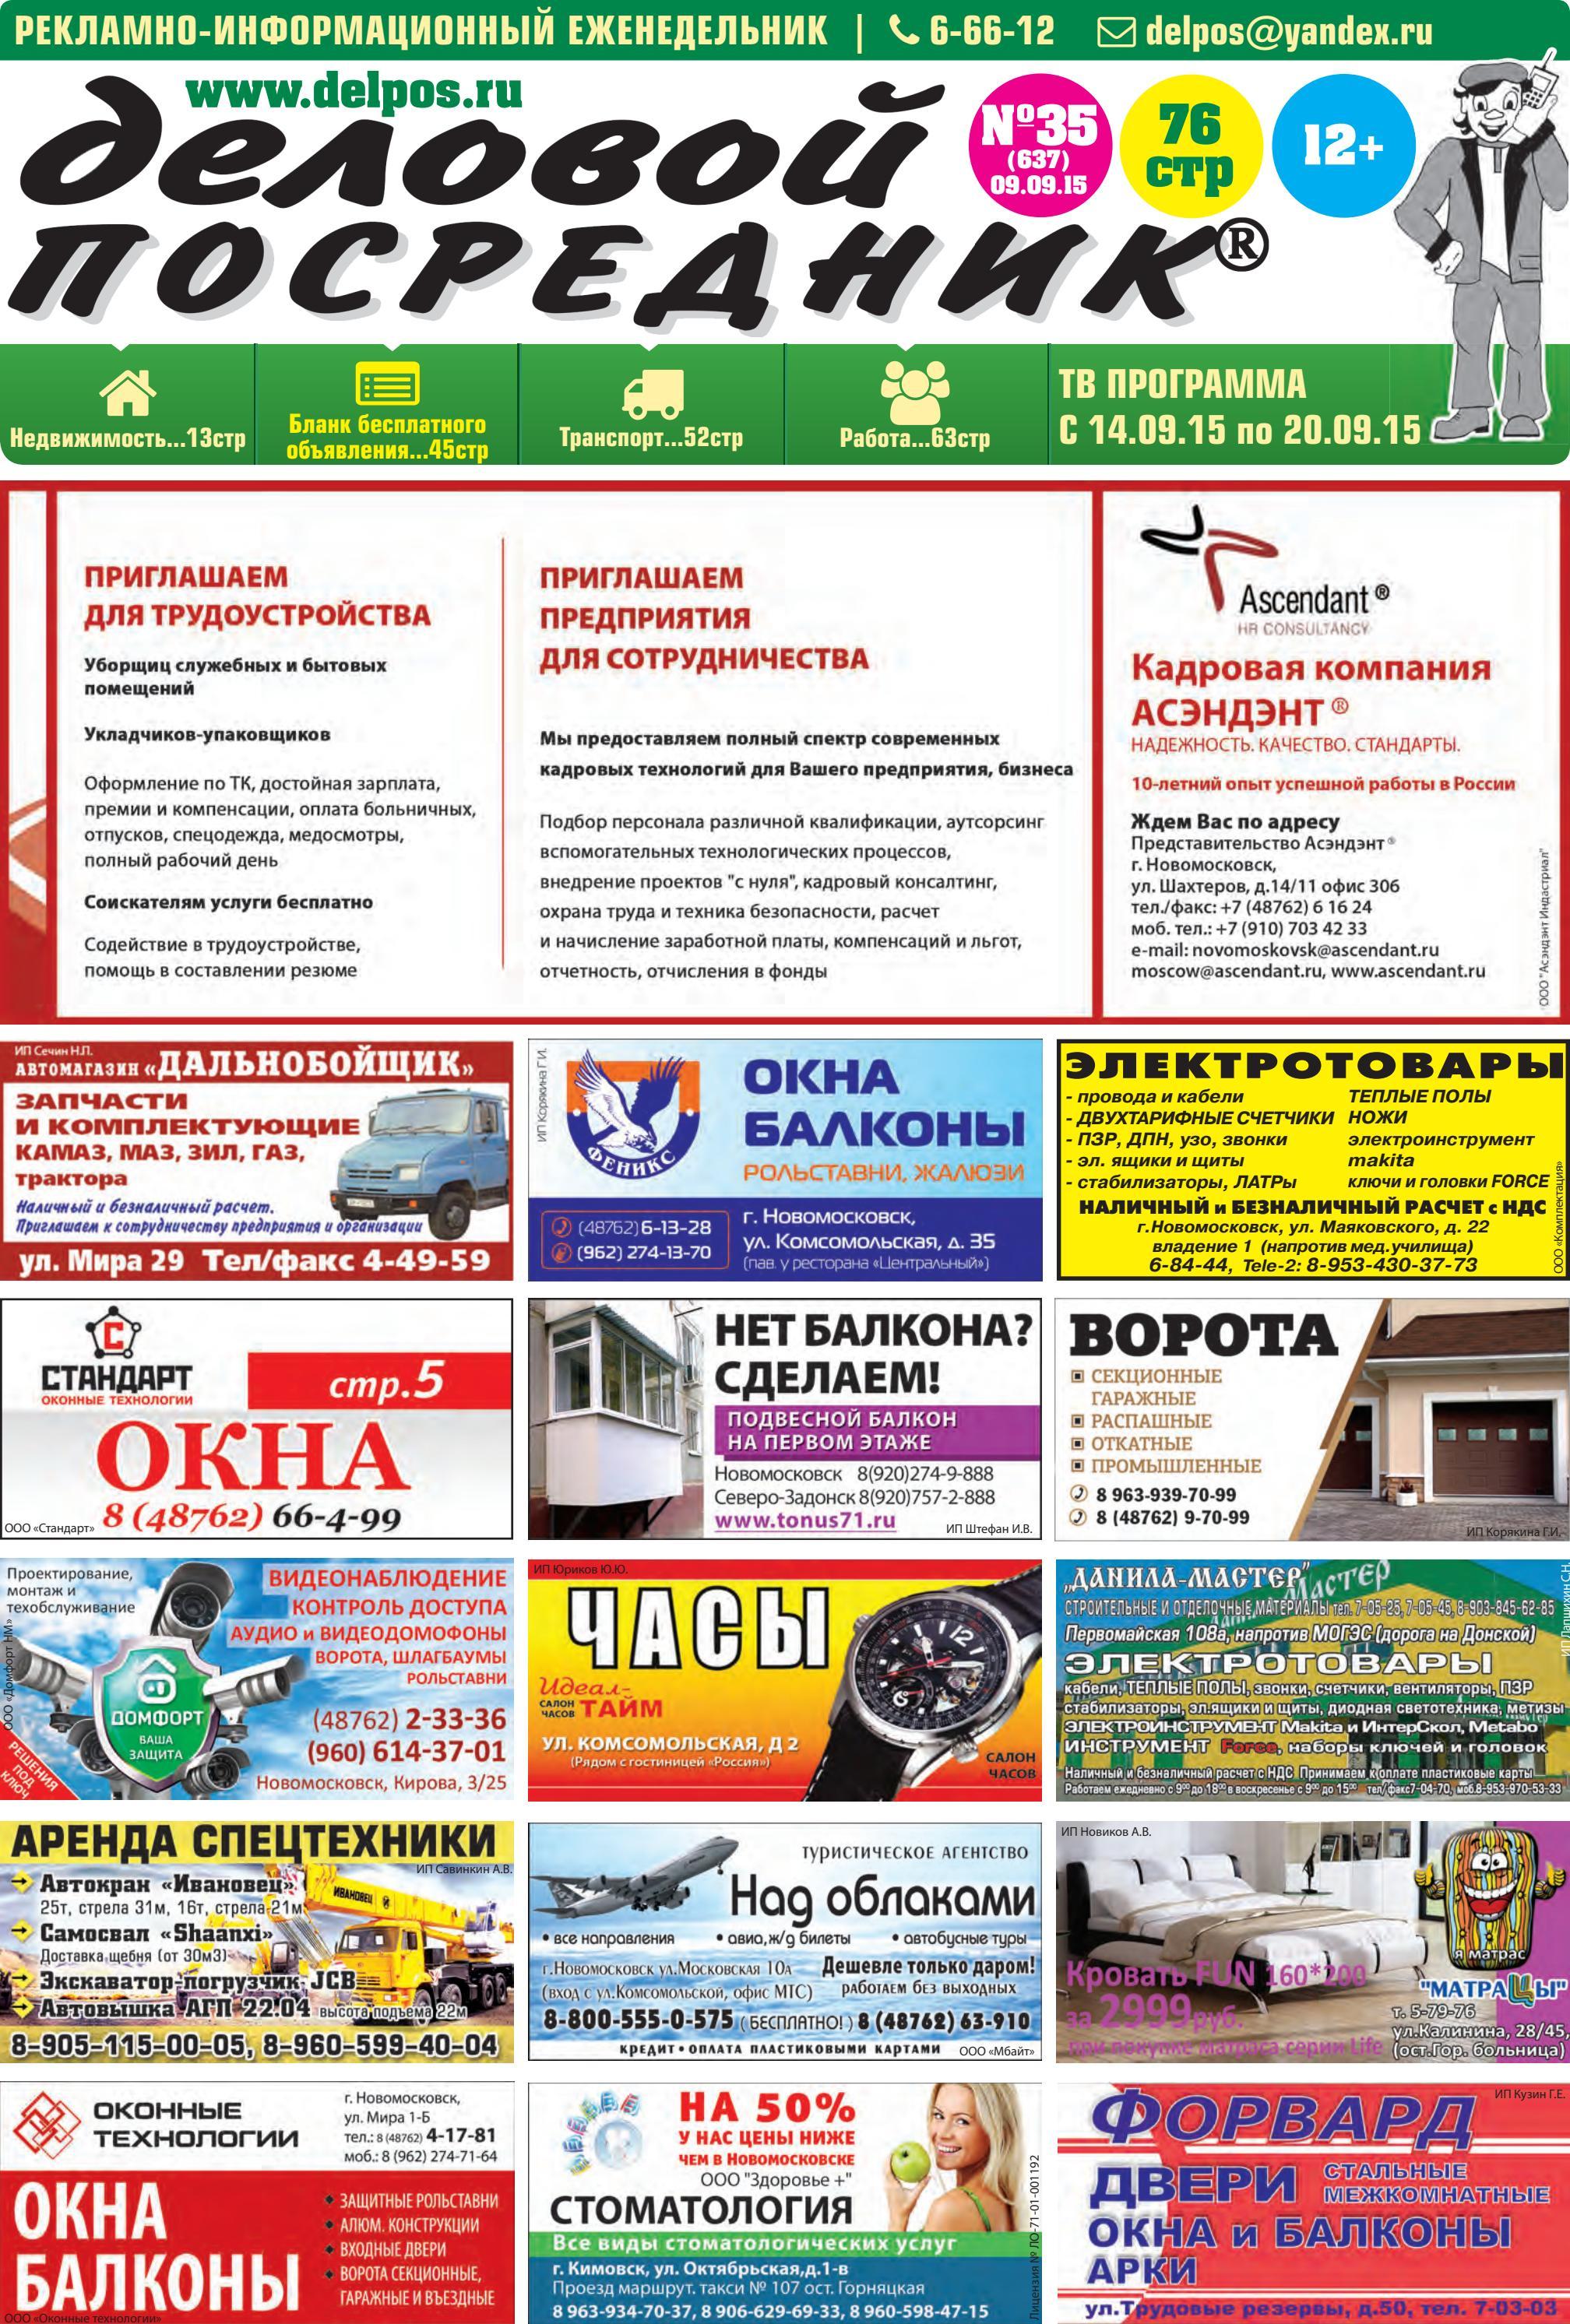 Как быстро получить деньги под птс Новоселки 2-я улица братск займы под залог птс